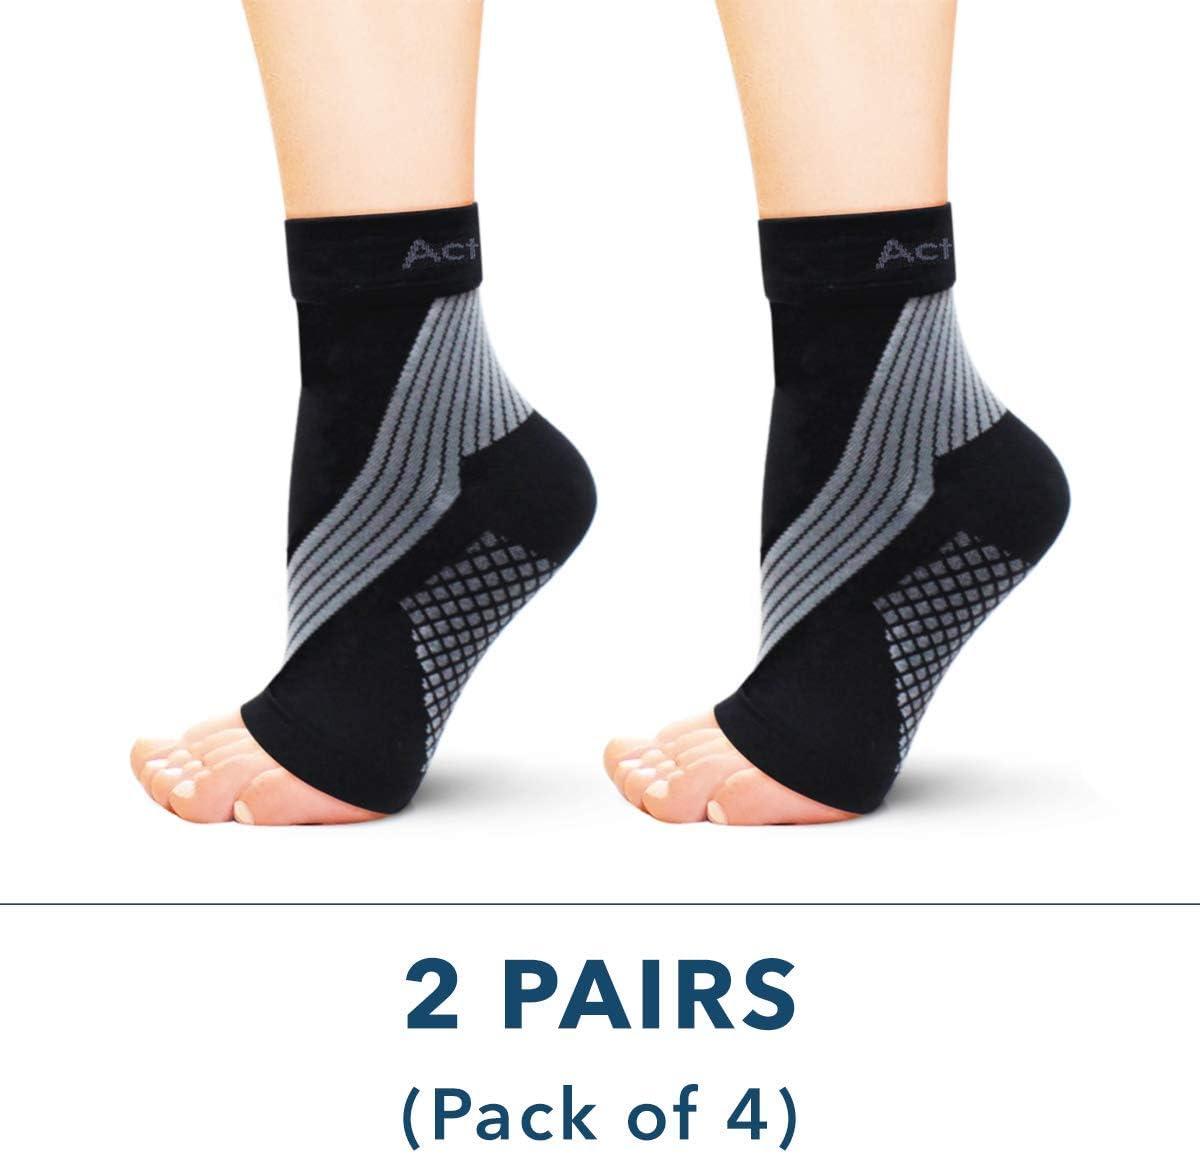 calza per dolore al piede fascia per supporto per fascite plantare Calze a compressione per fascite plantare manica alla caviglia